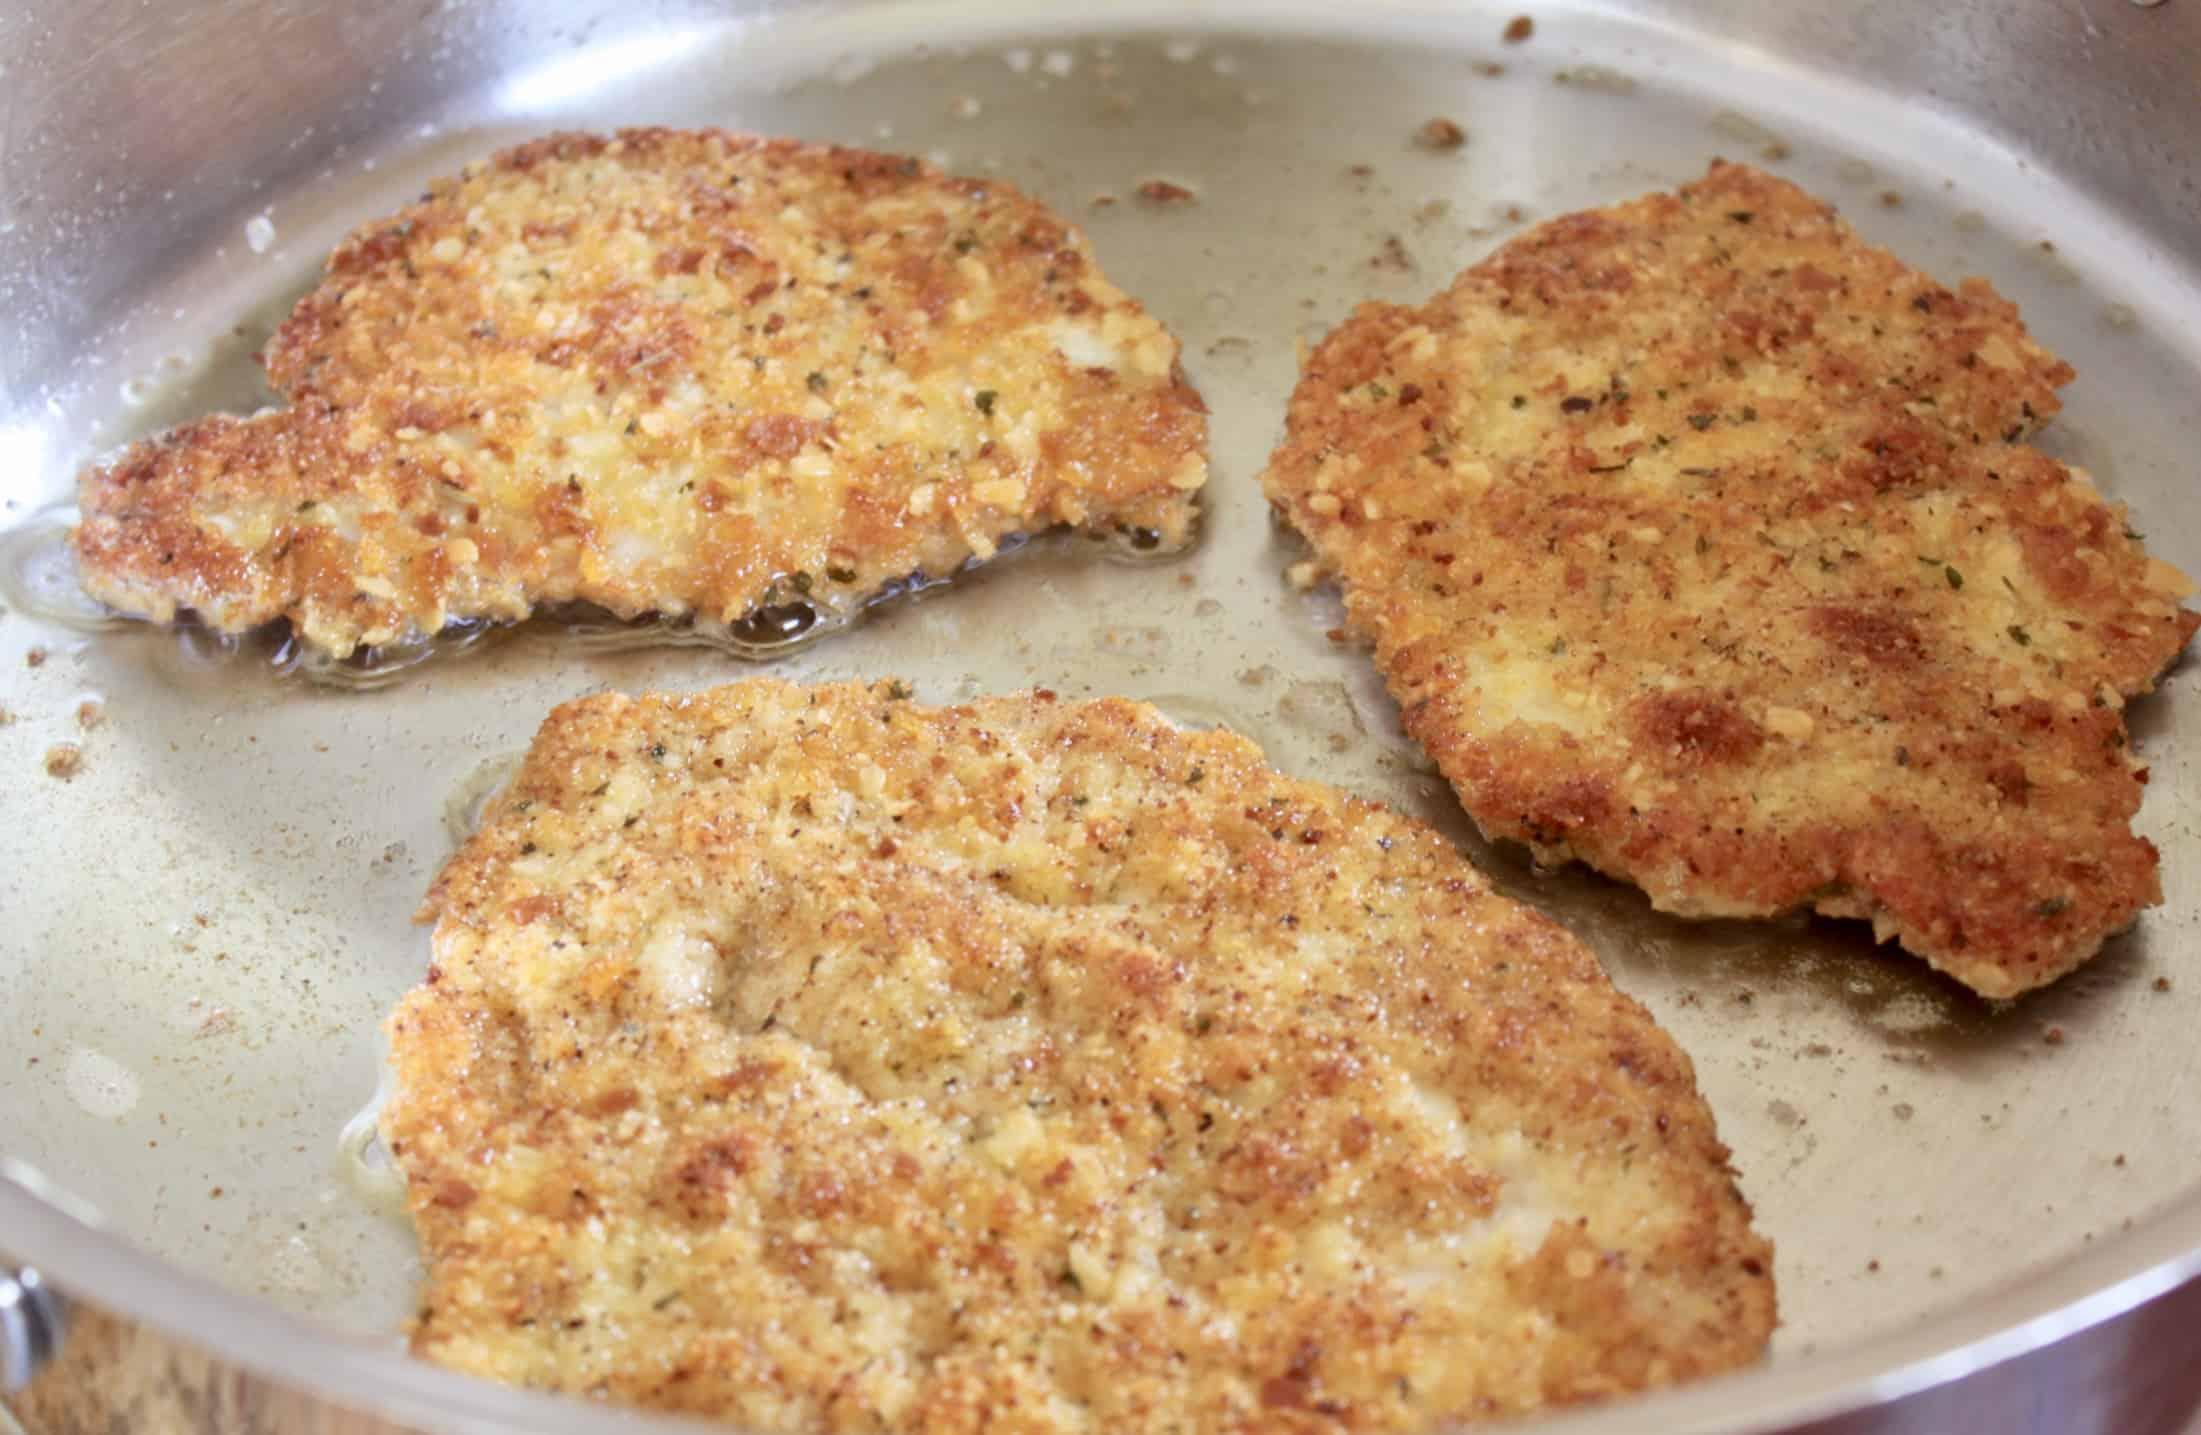 frying breaded pork chops